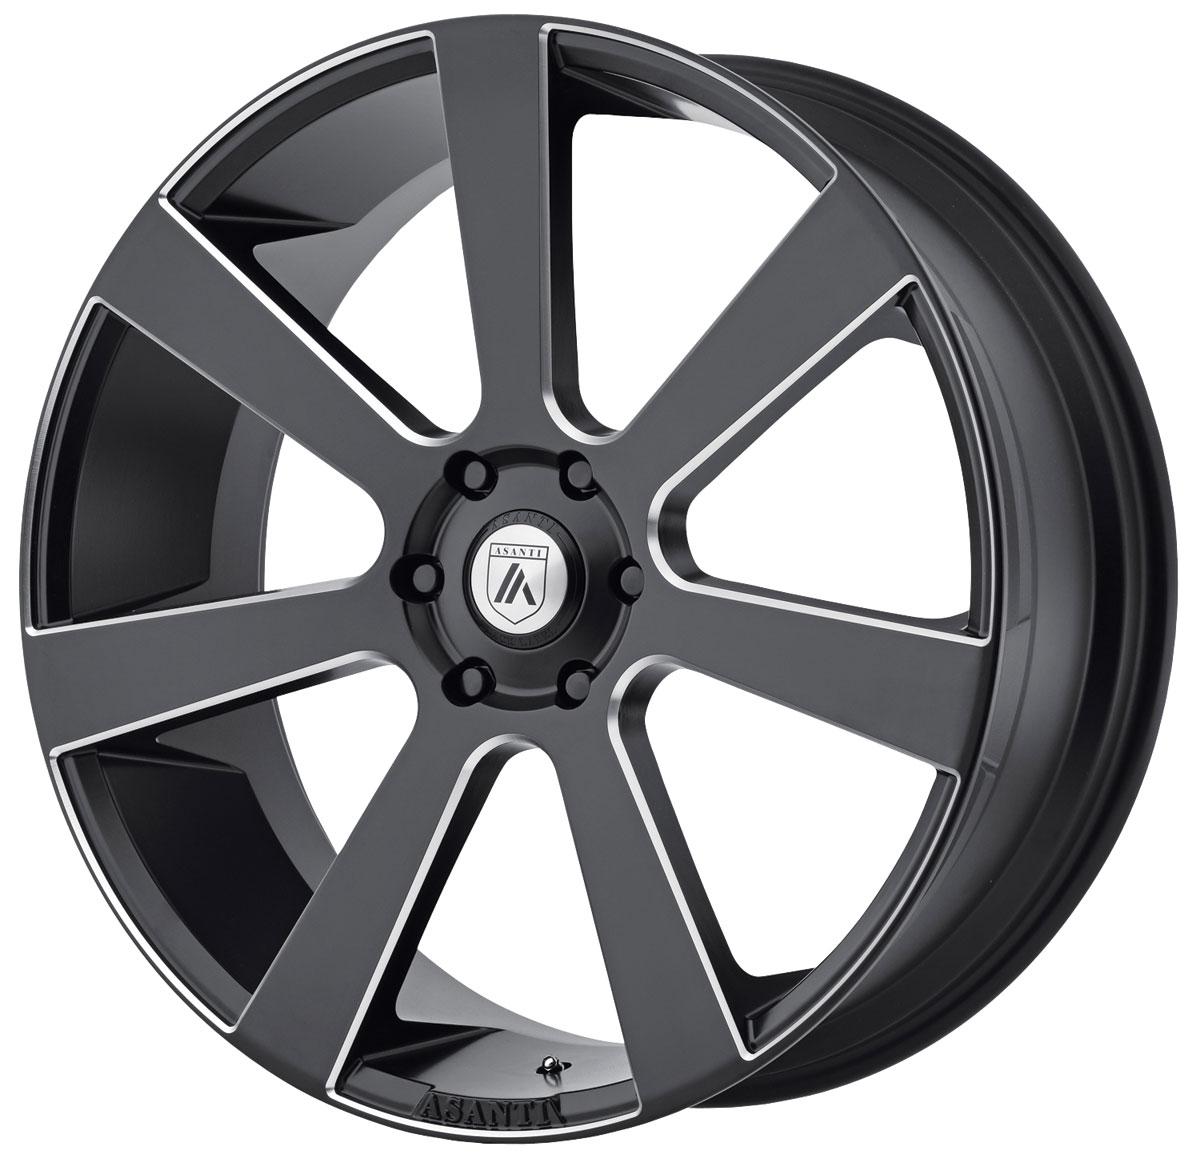 Wheel, Asanti Black Label, ABL-15 Apollo, 1999-2019 Escalade, 22X9